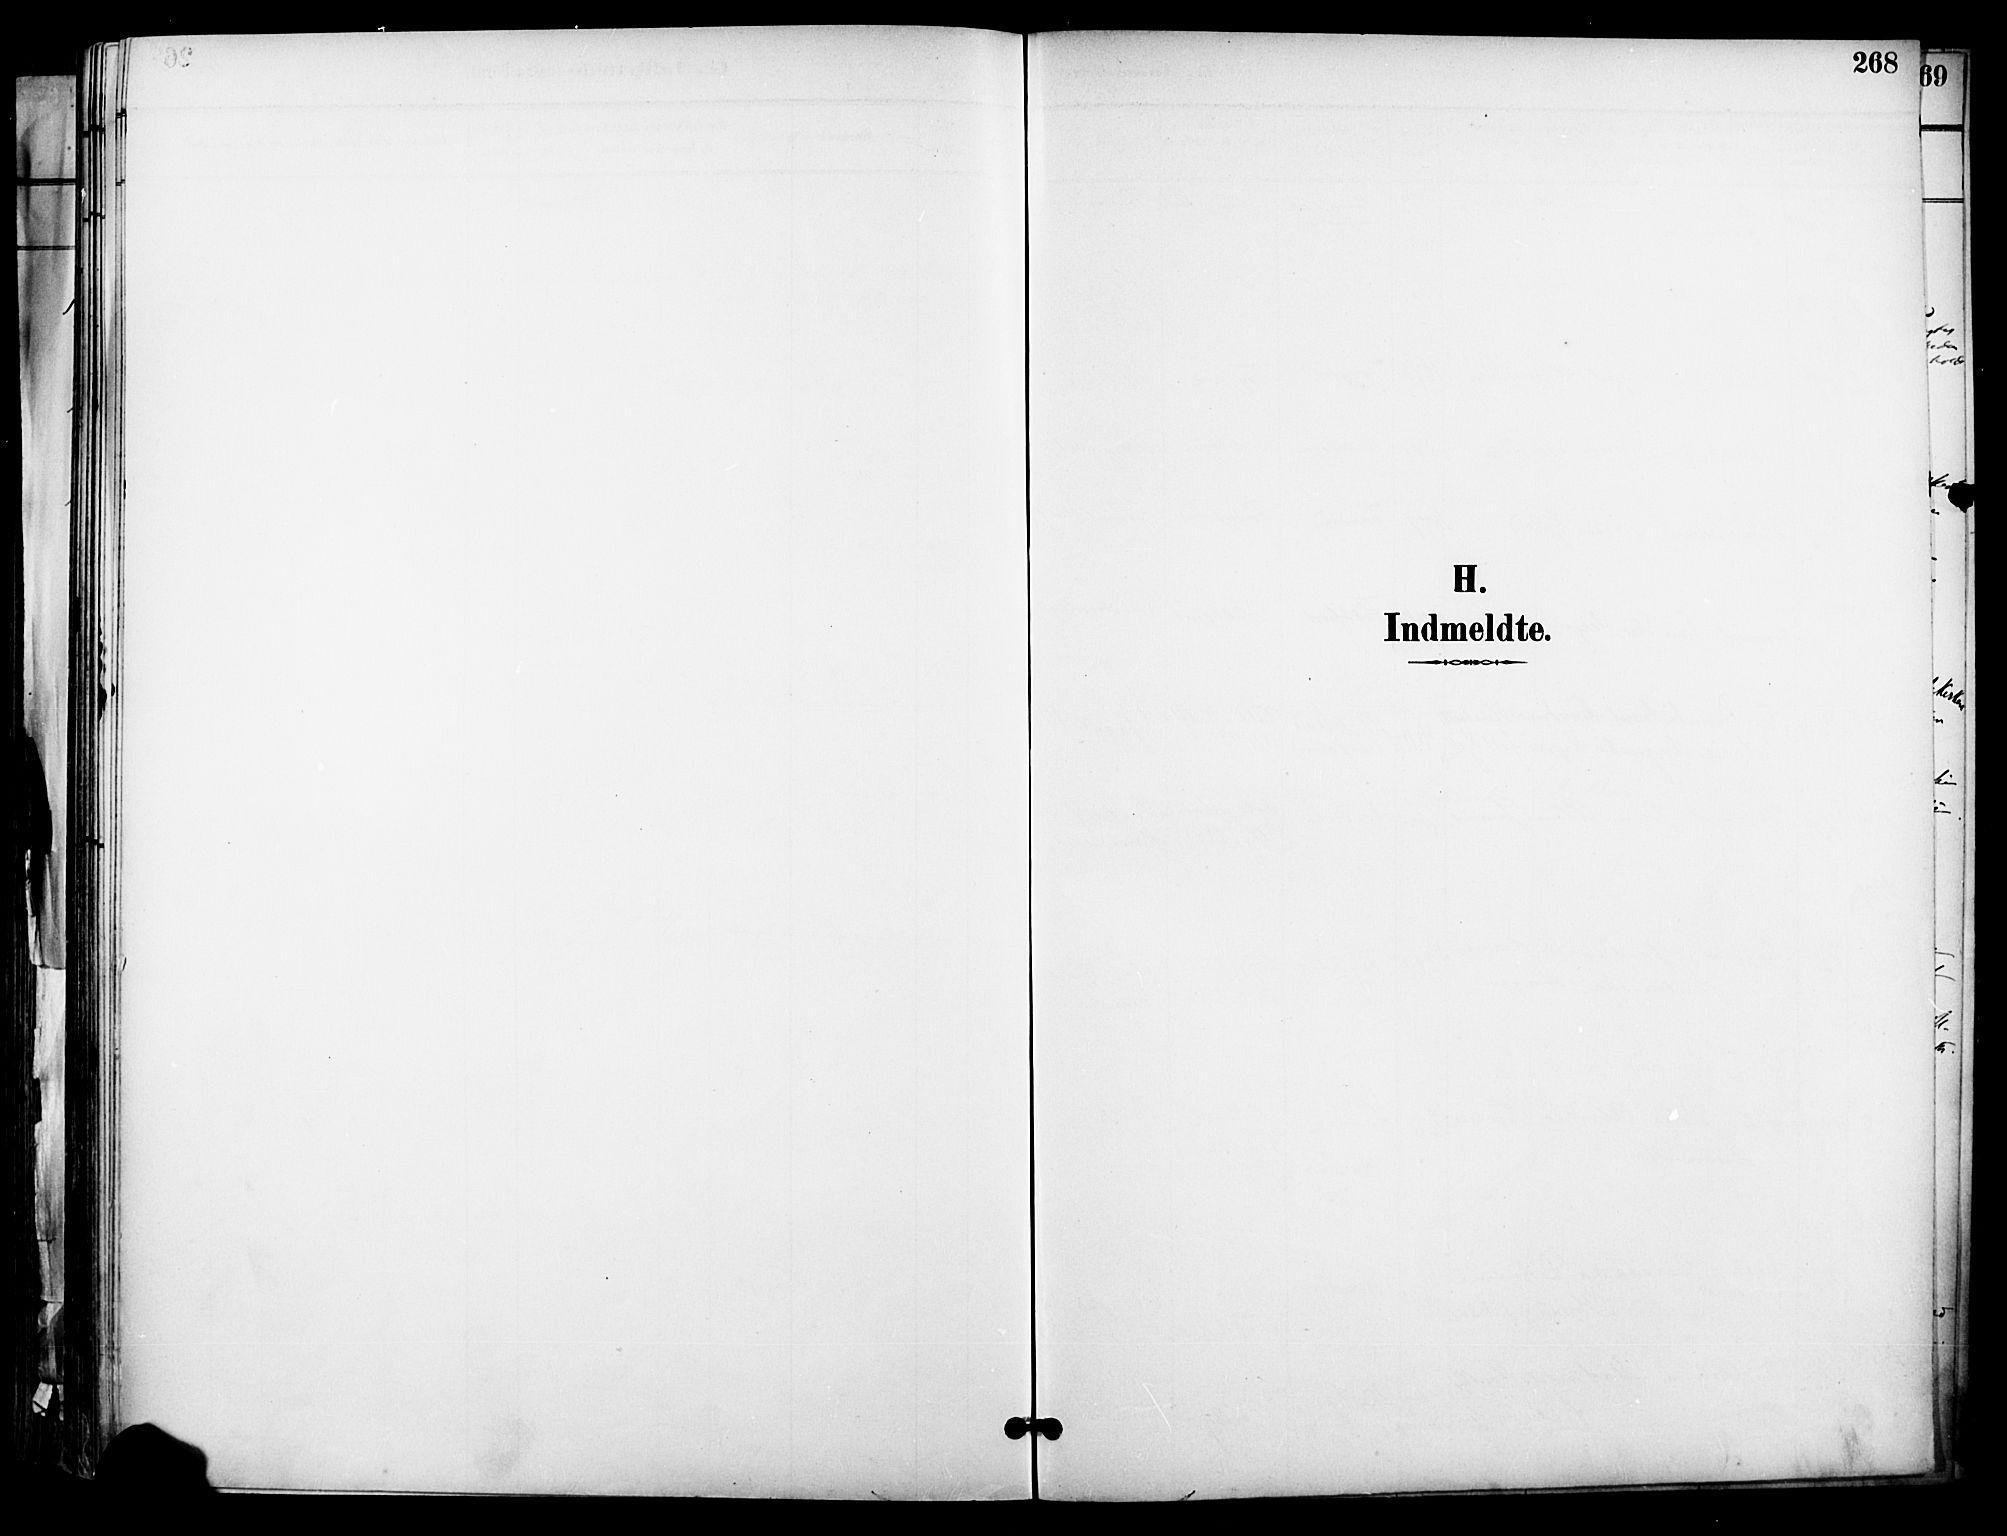 SAO, Garnisonsmenigheten Kirkebøker, F/Fa/L0013: Ministerialbok nr. 13, 1894-1904, s. 268